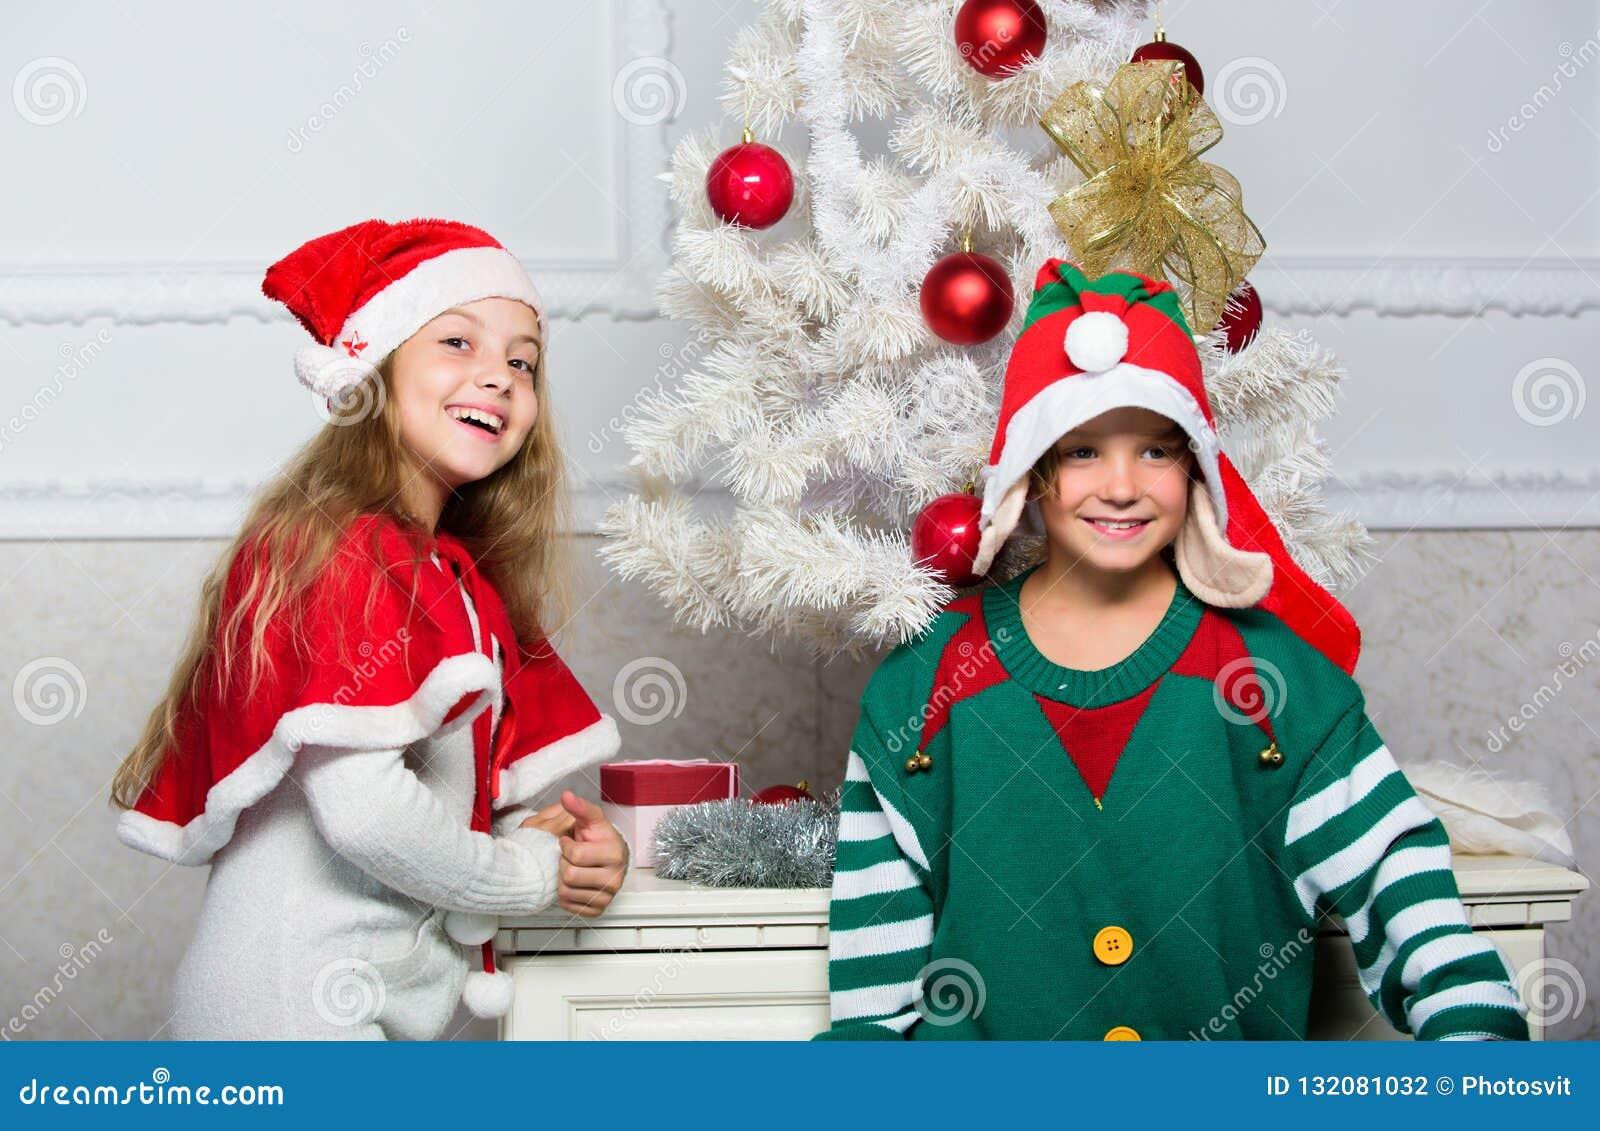 Традиция праздника семьи Дети жизнерадостные празднуют рождество Братья подготавливают для того чтобы отпраздновать рождество или